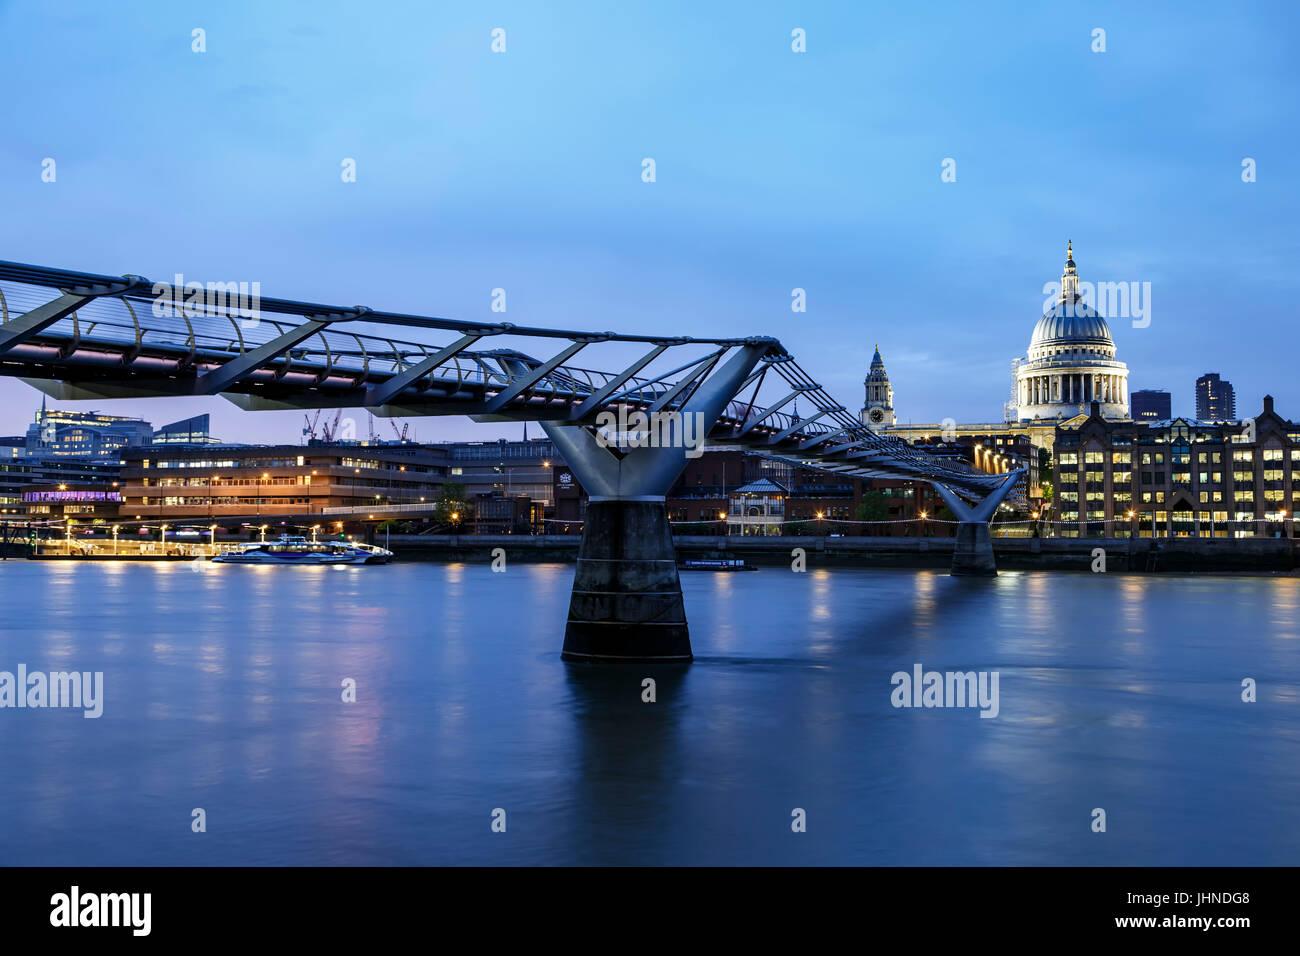 St. Pauls Kathedrale, der Millennium Bridge und der Themse, London, England, Vereinigtes Königreich Stockbild